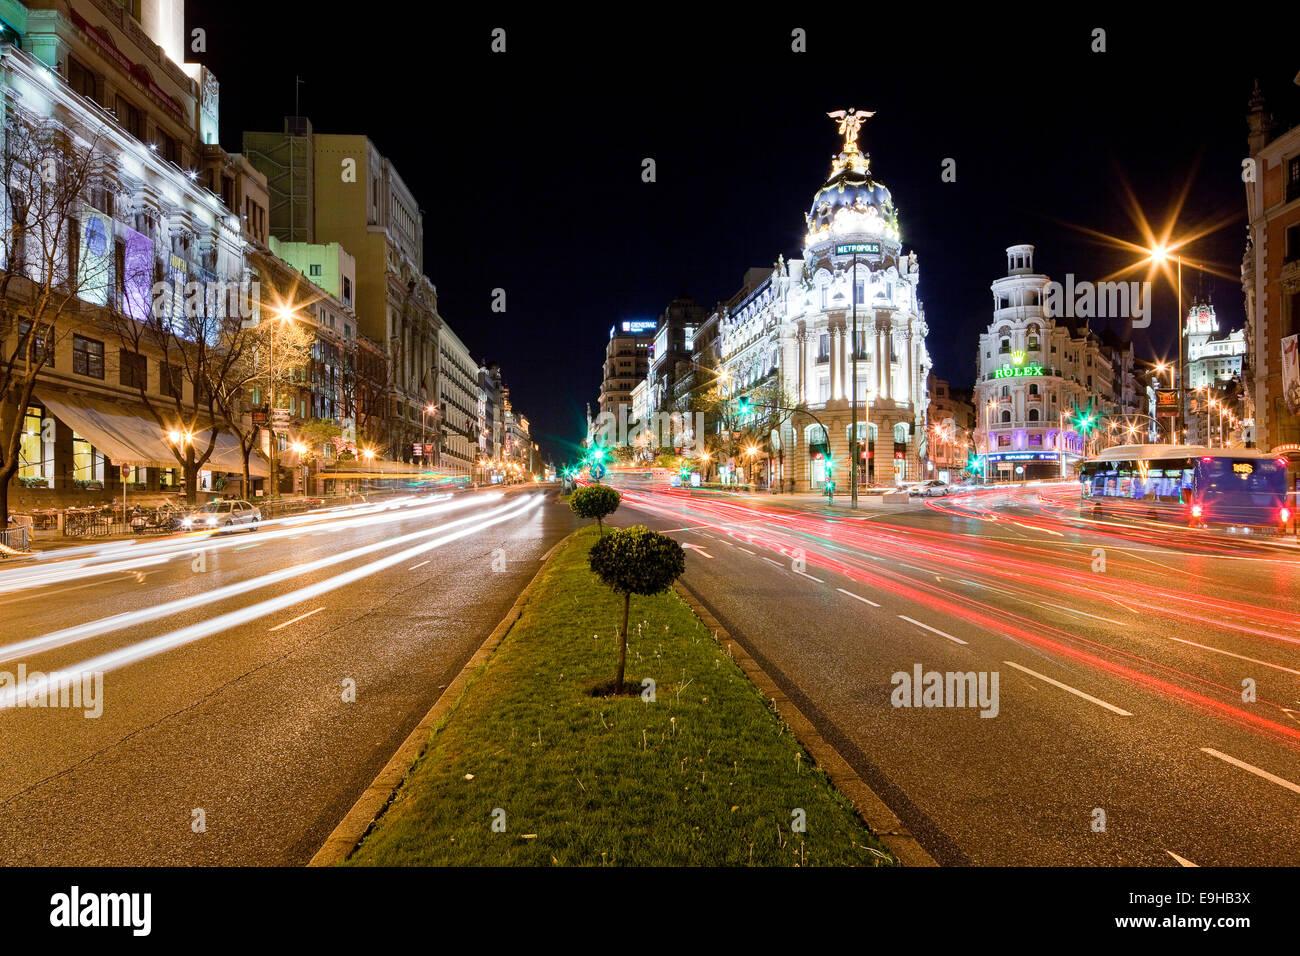 Metropolis Building or Edificio Metrópolis on the street Gran Vía, Madrid, Spain - Stock Image